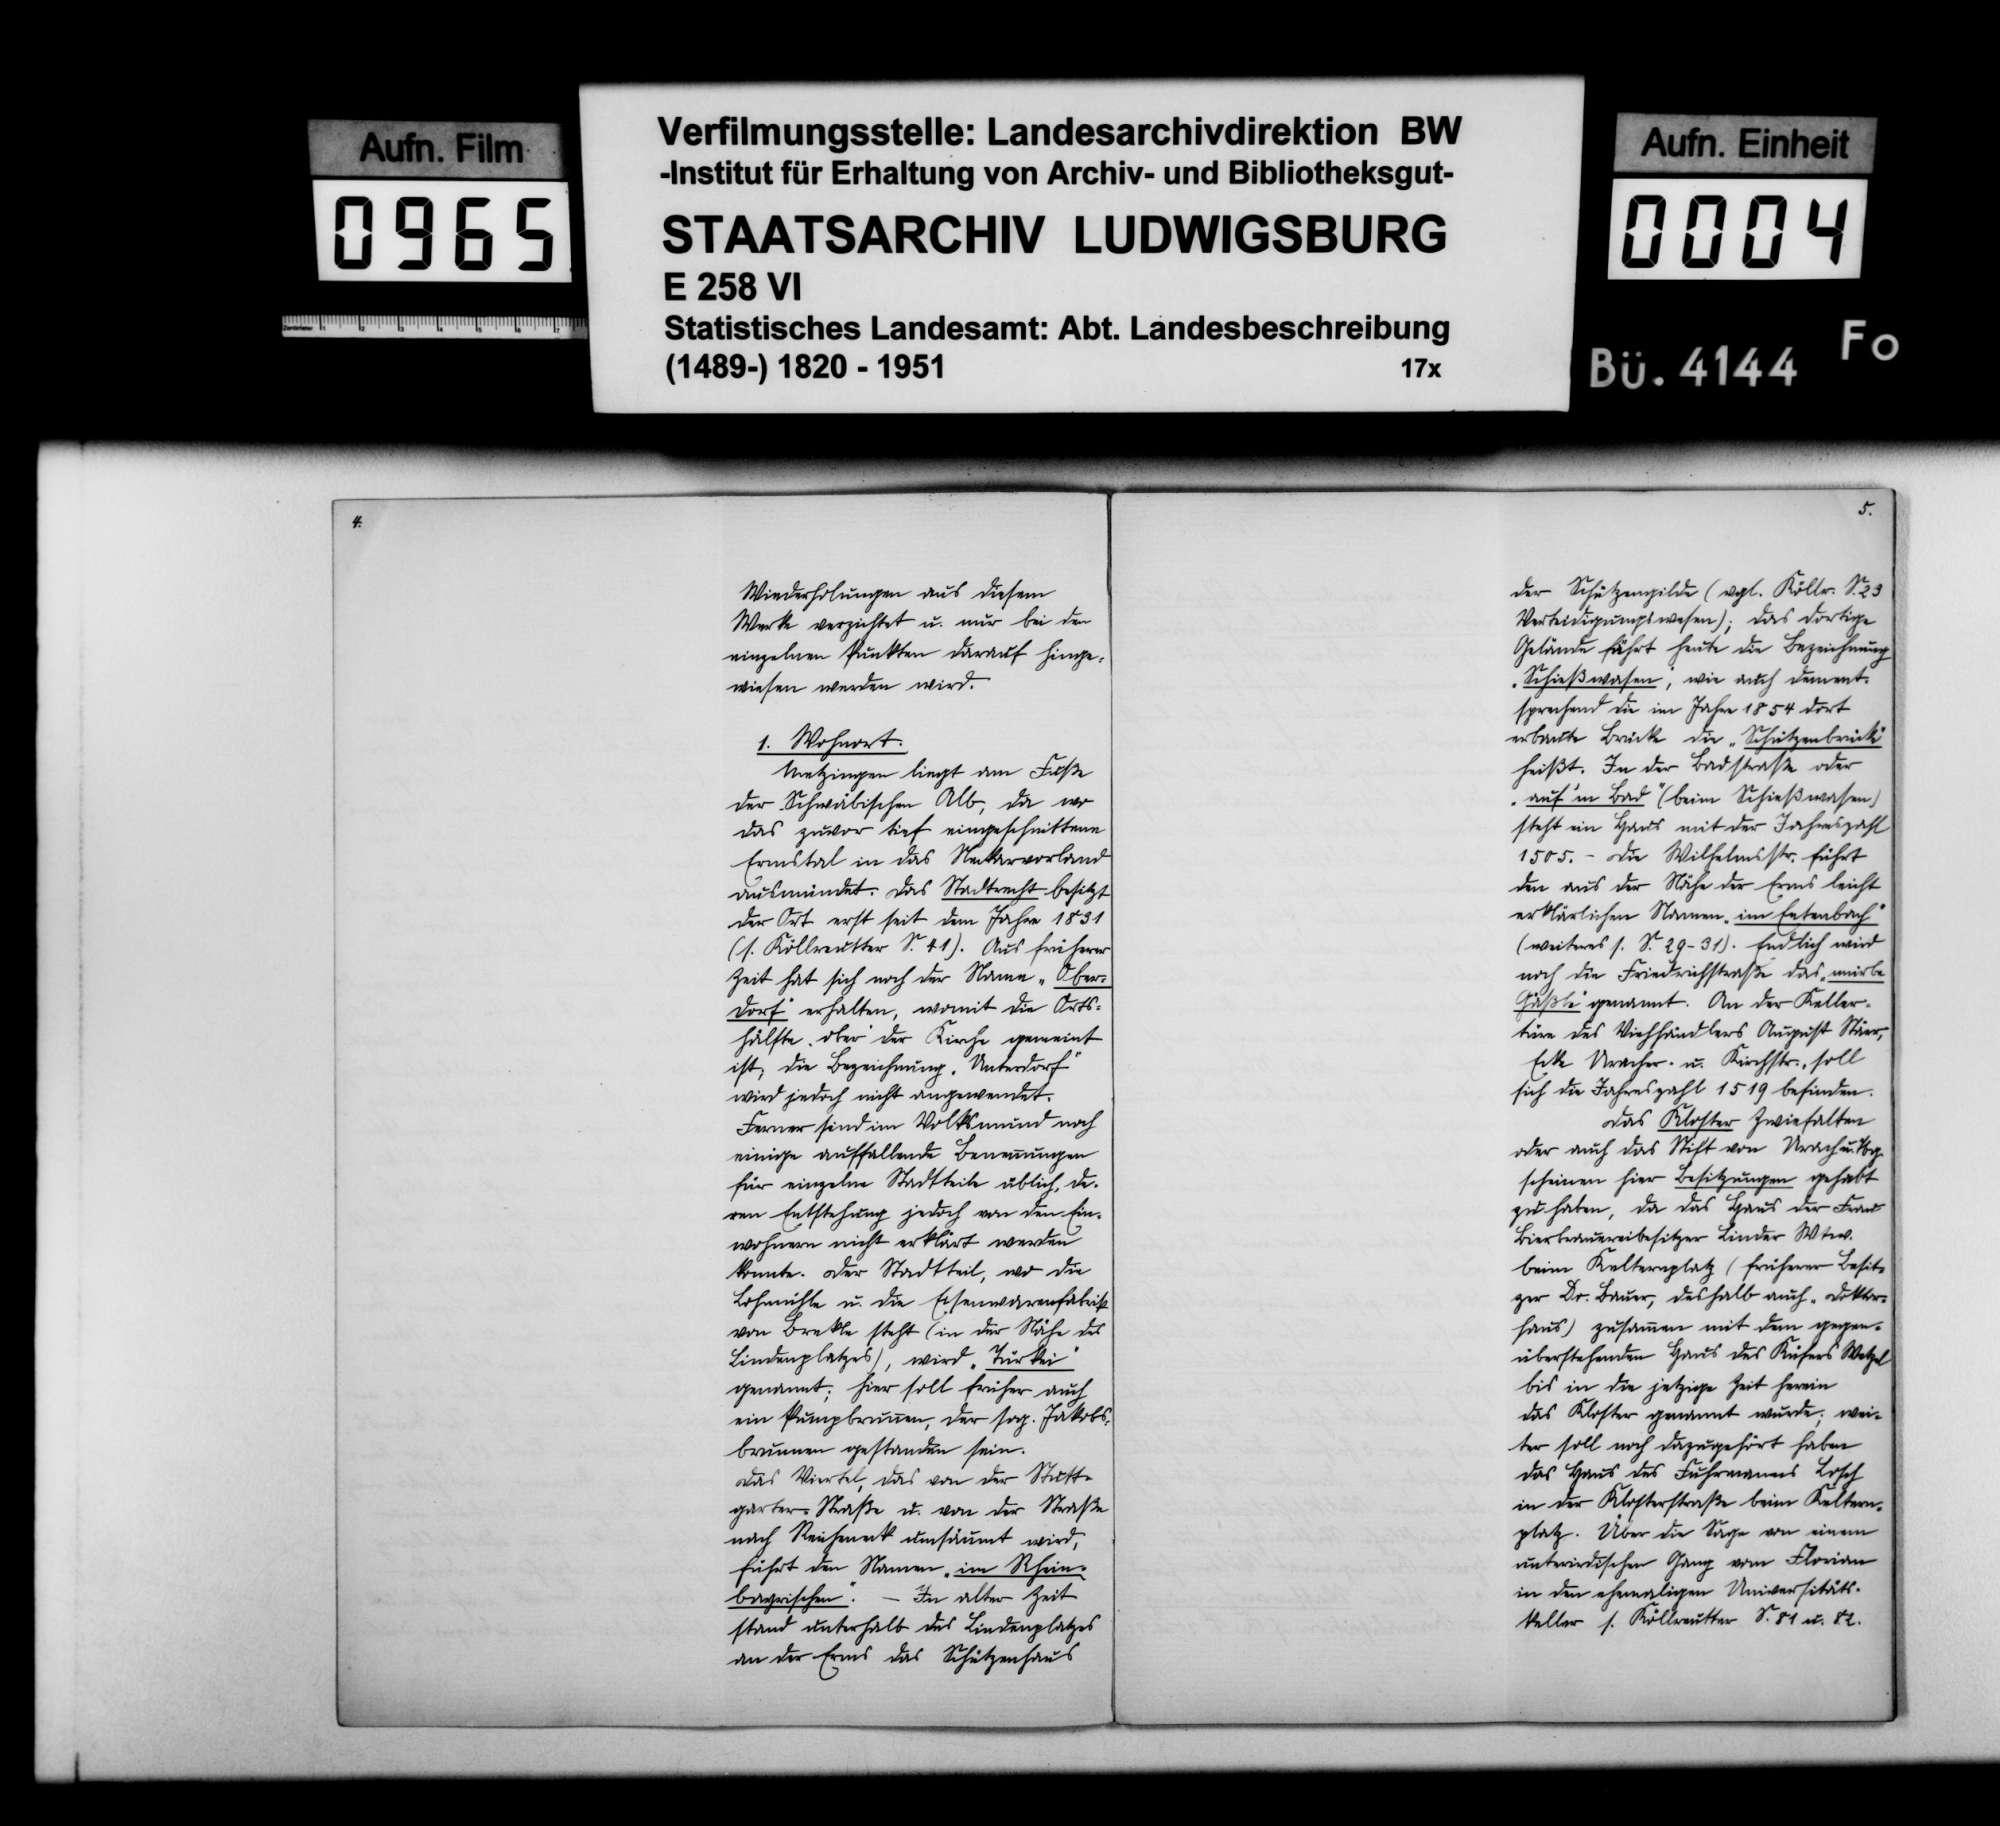 Konferenzaufsätze des Unterlehrers G. Wurster und des Hilfslehrers Gustav Strohmaier zur Ortsbeschreibung von Metzingen, Bild 3